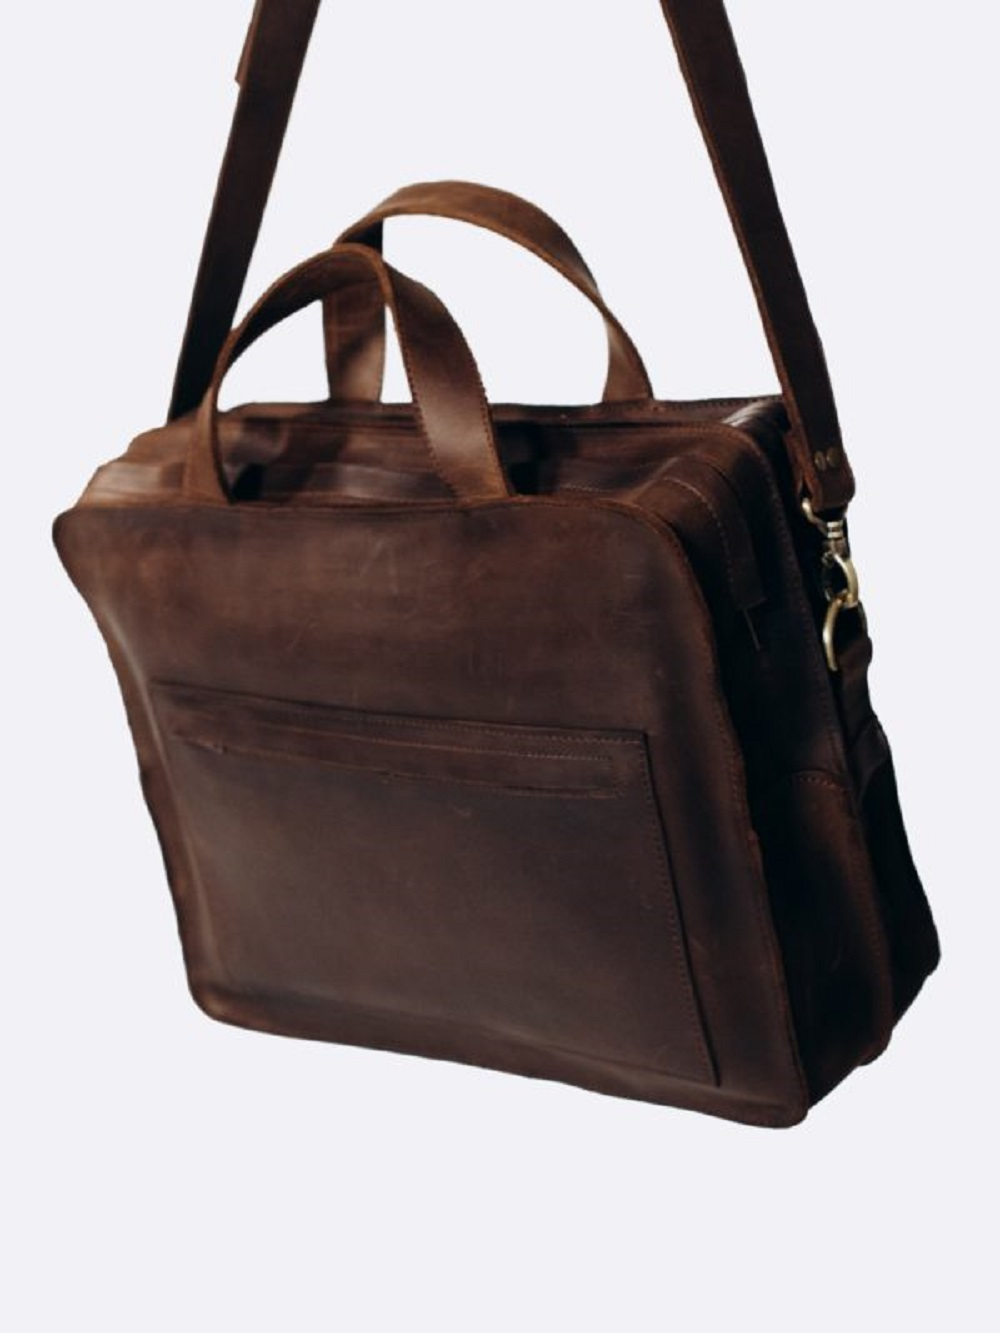 TORBA MĘSKA T02 VINTAGE BROWN - torba na ramię brązowa na laptopa - brązowa torba służbowa  na laptopa - Lezerton